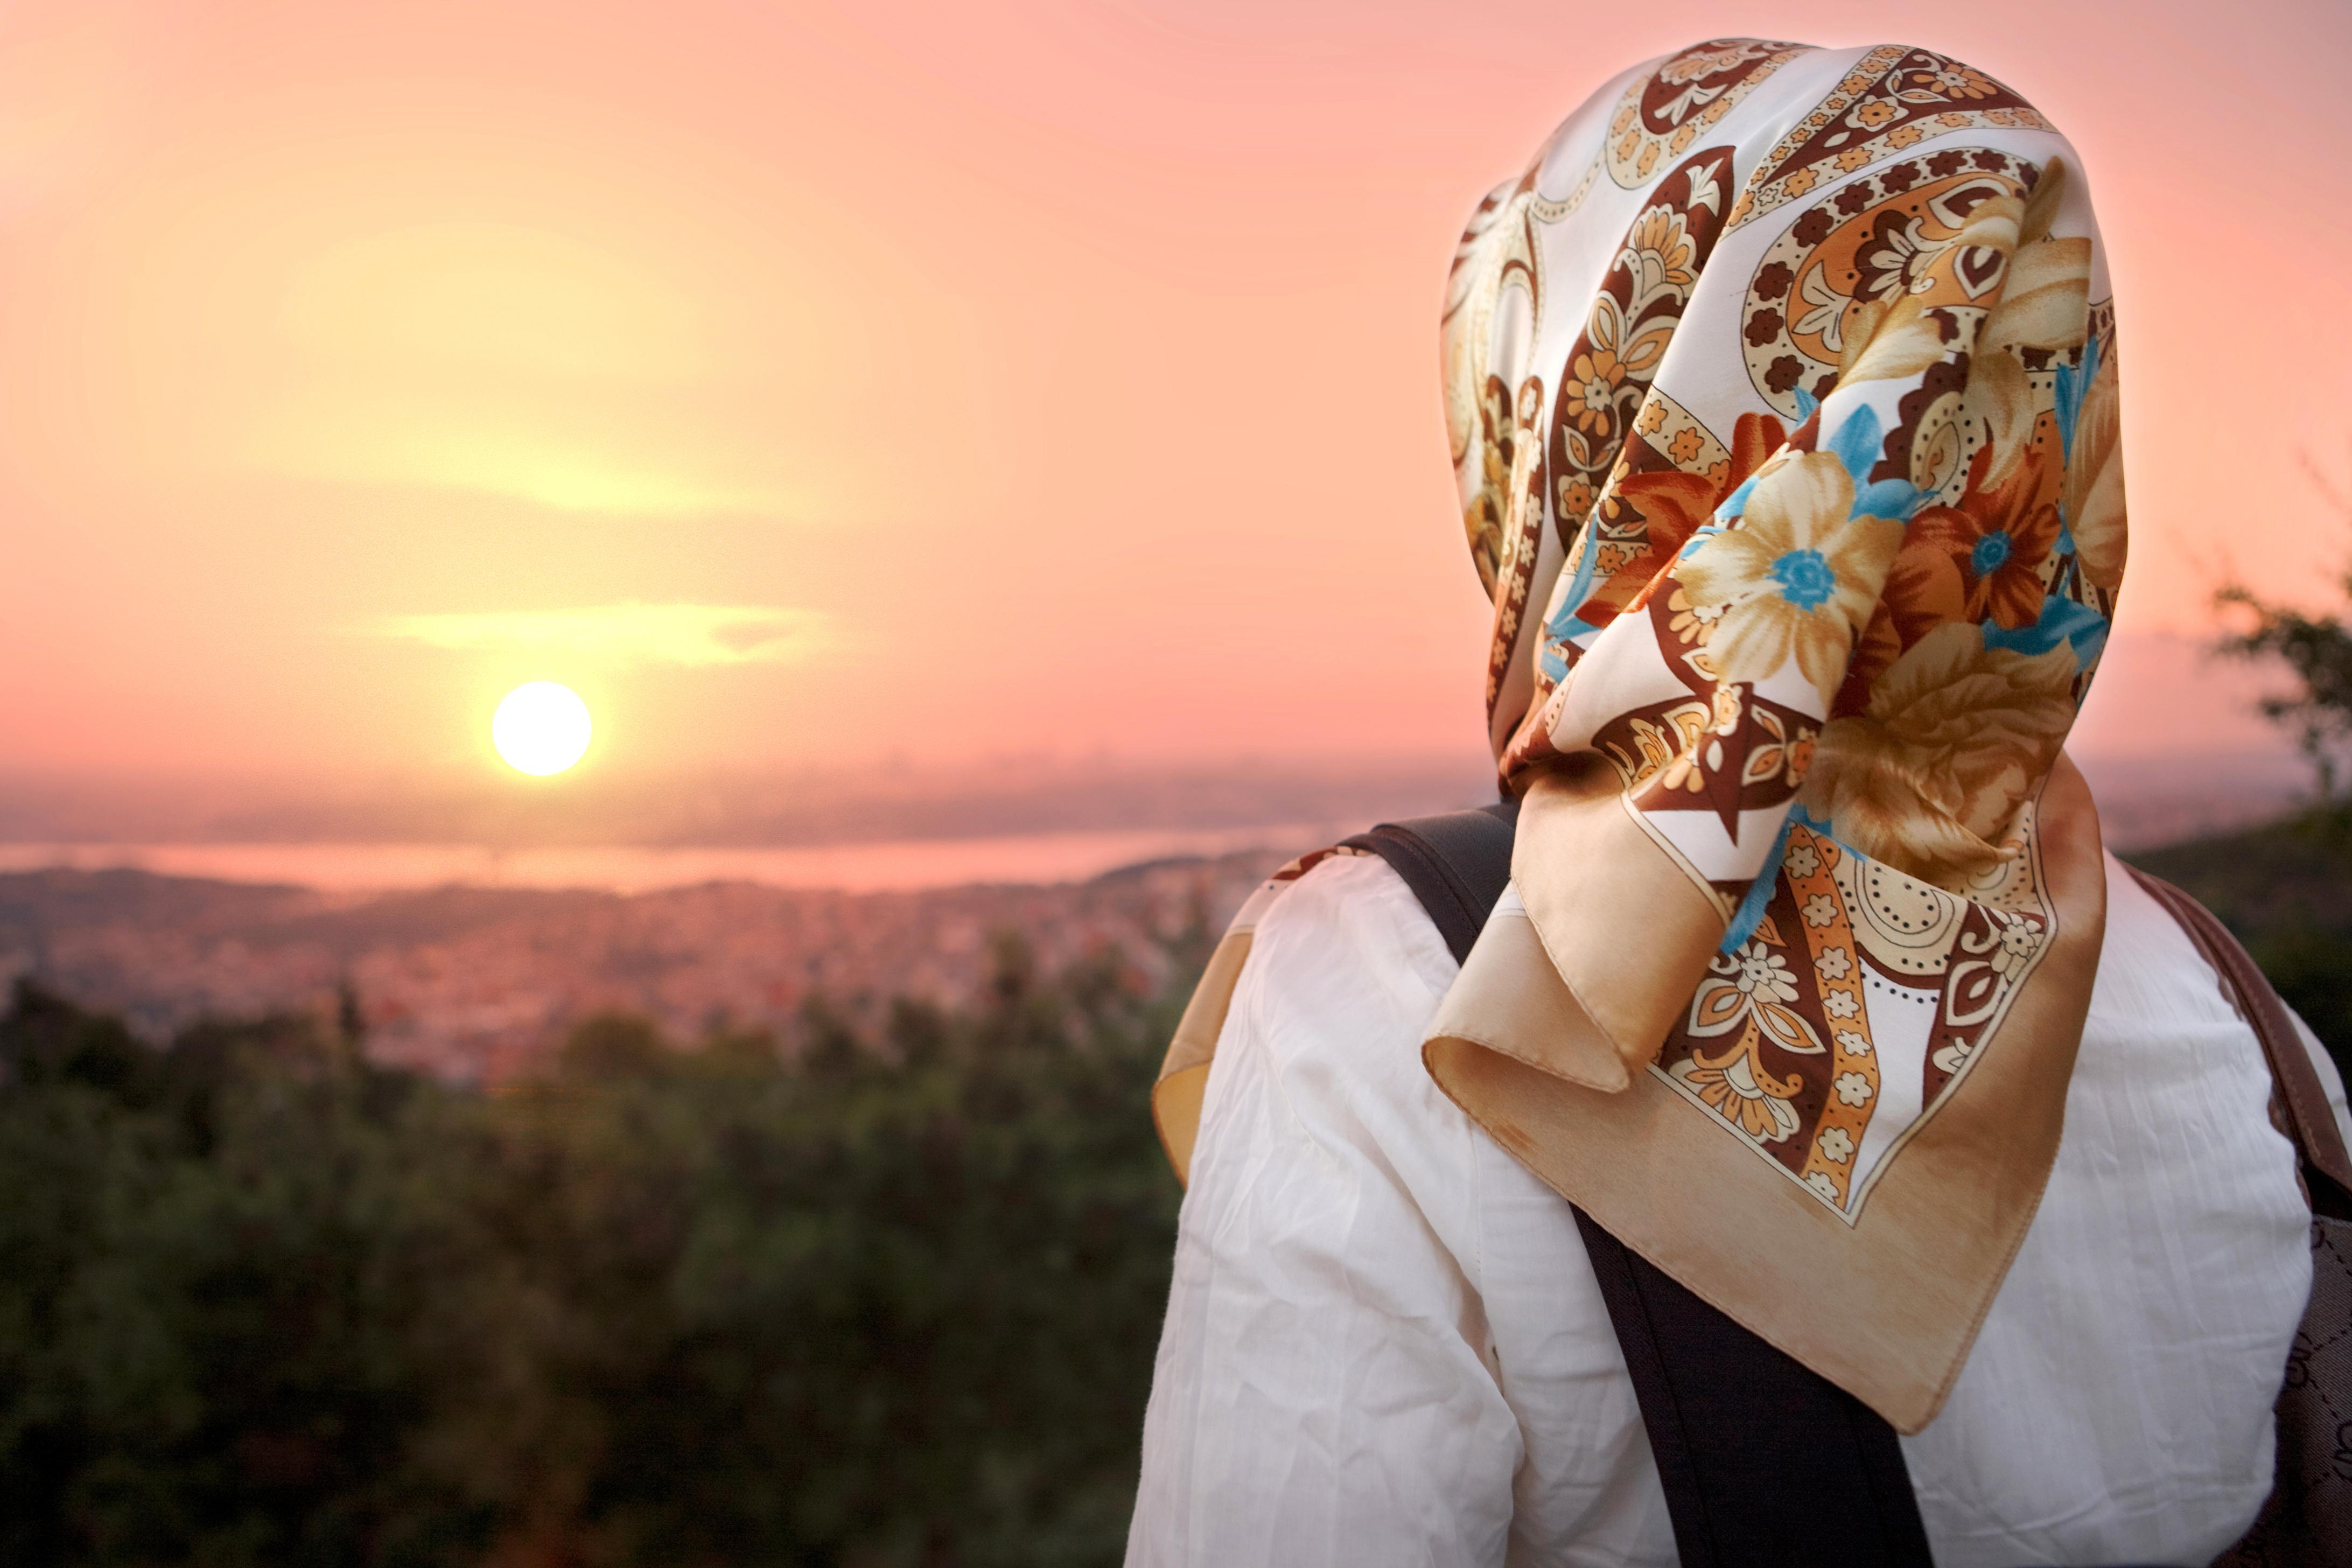 Красивые фото мусульманка девушек со спины